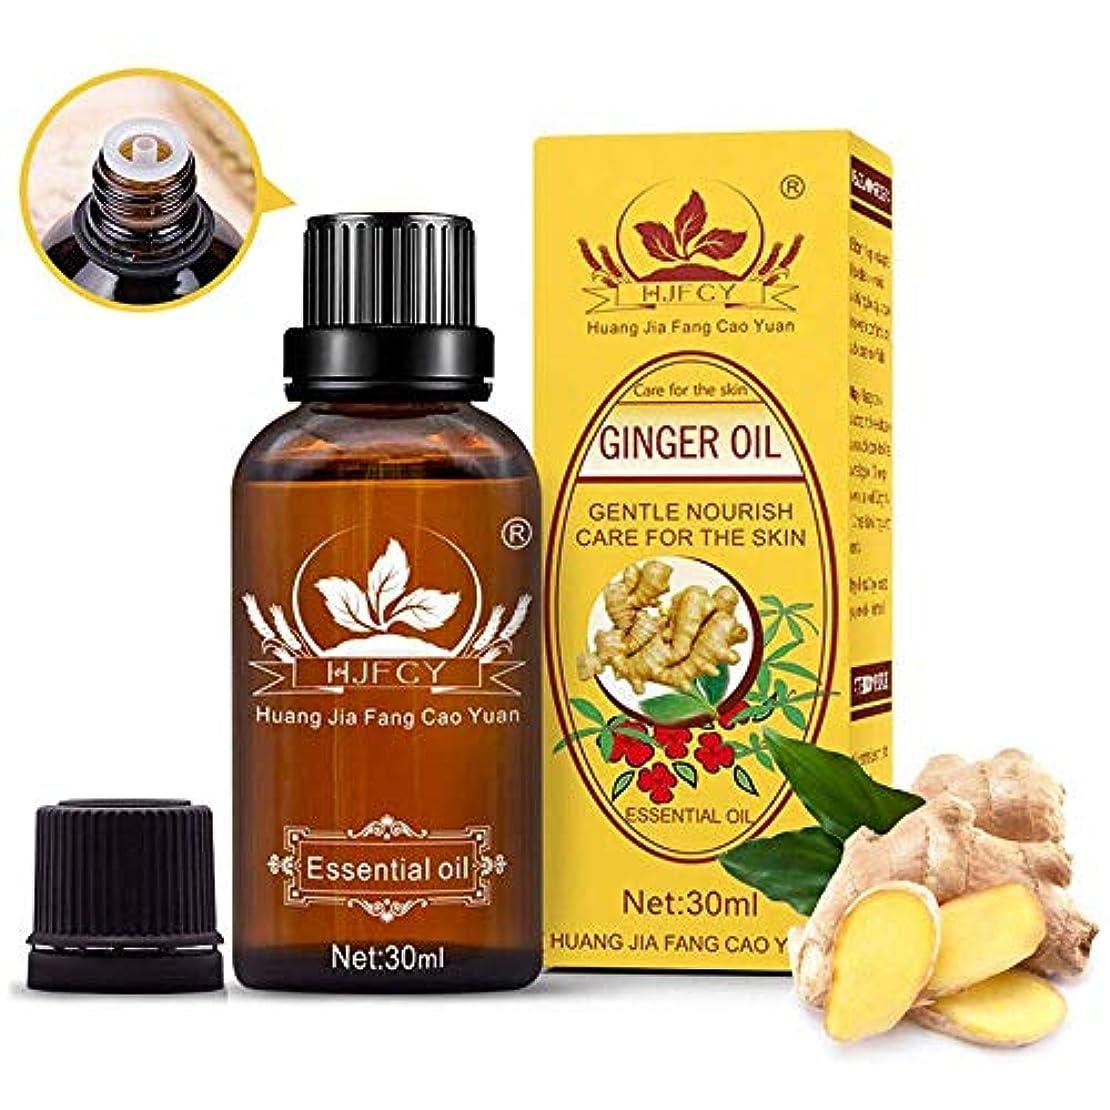 タイトスイ発信ジンジャーエッセンシャルオイル、天然植物療法ジンジャーエッセンシャルオイルリンパ排水、スパマッサージ油、筋肉の痛みの緩和、血液の循環を促進し、穏やかに30ML